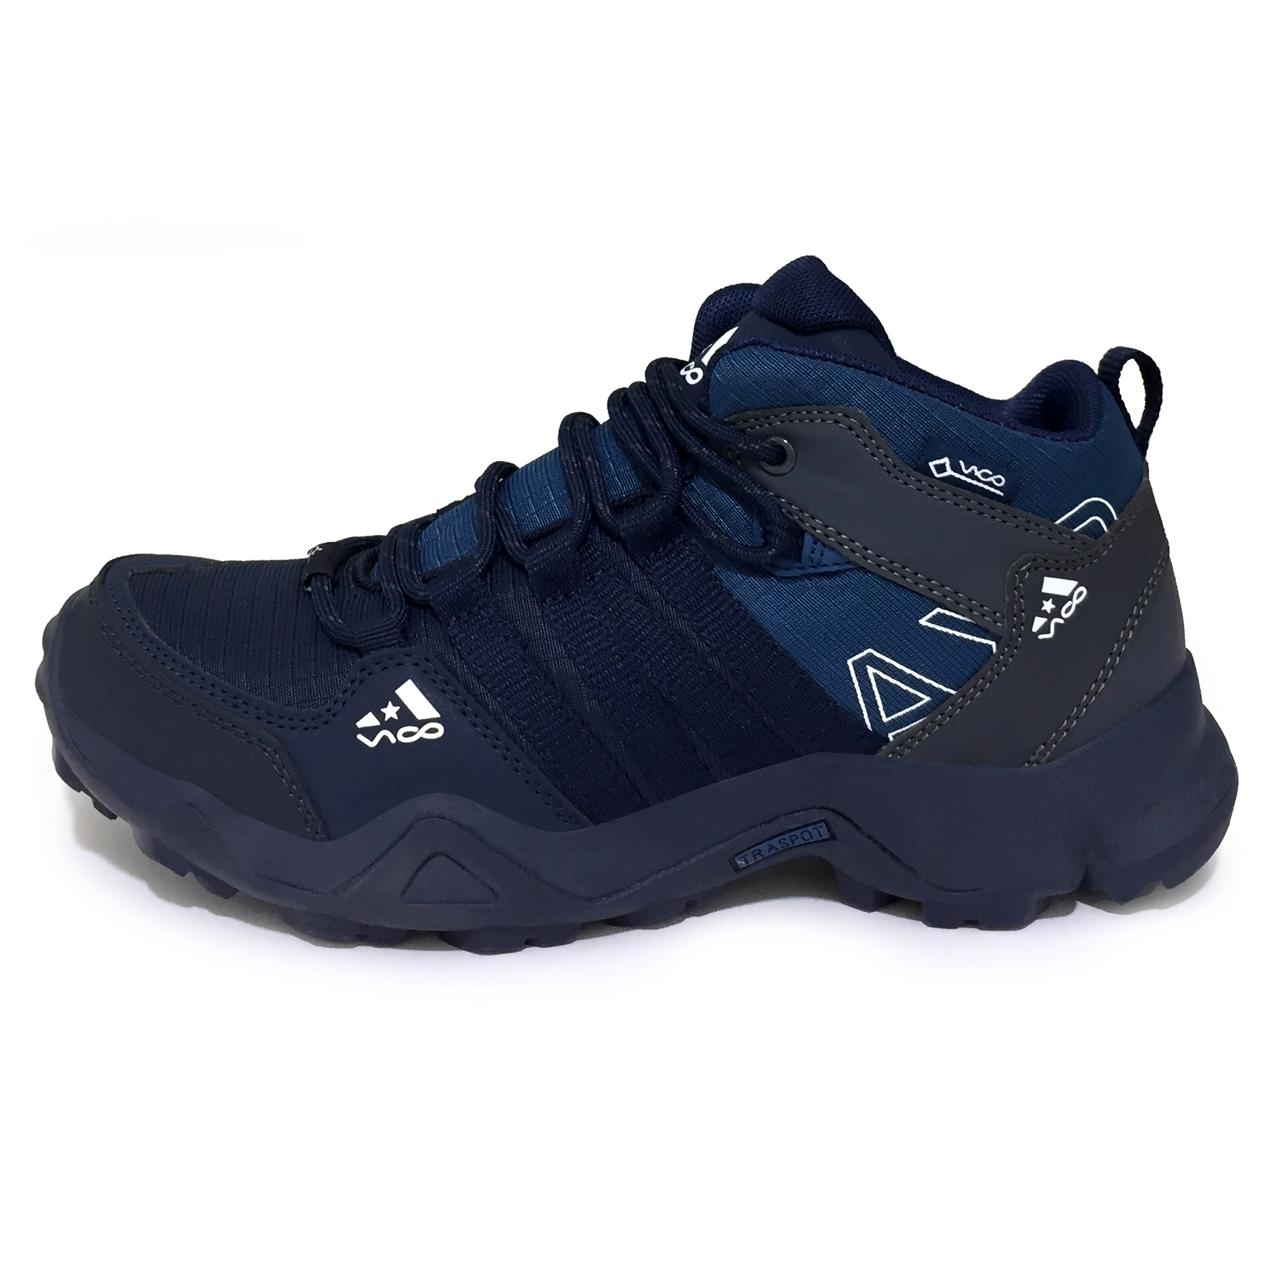 کفش مخصوص پیاده روی مردانه ویکو کد 3042M6